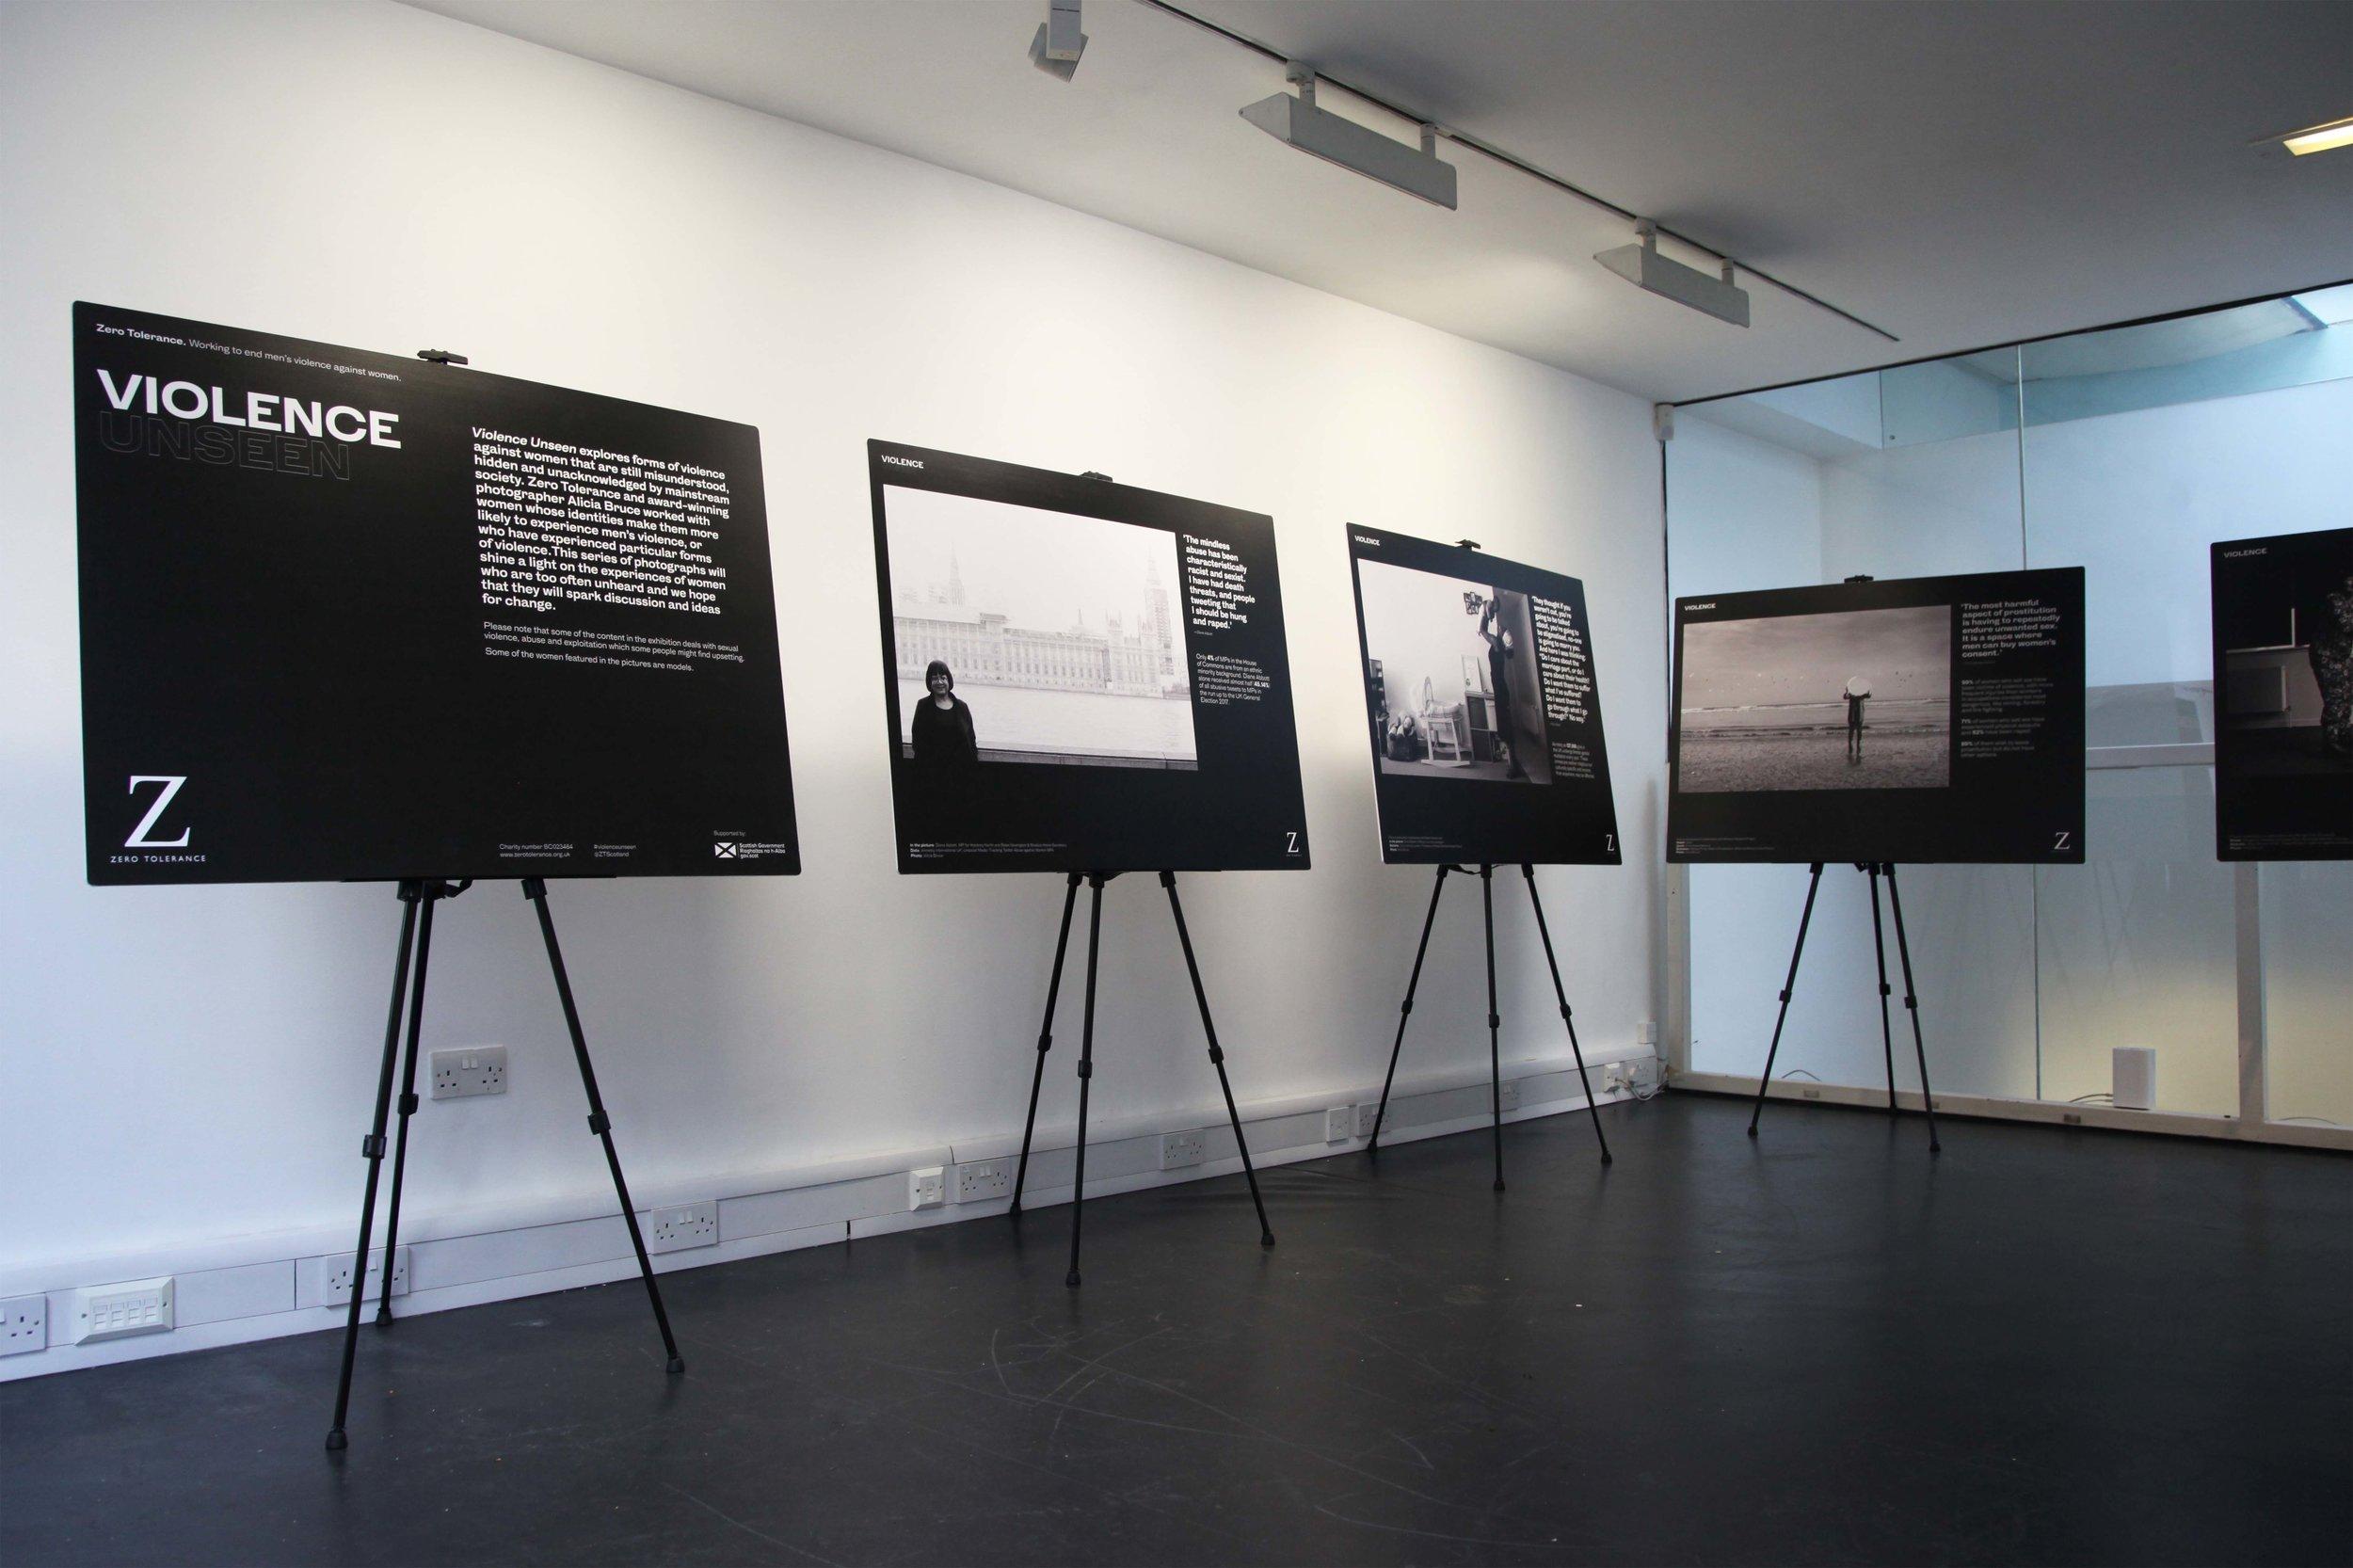 Image: Violence Unseen installation at Stills Edinburgh, Courtesy of Stills